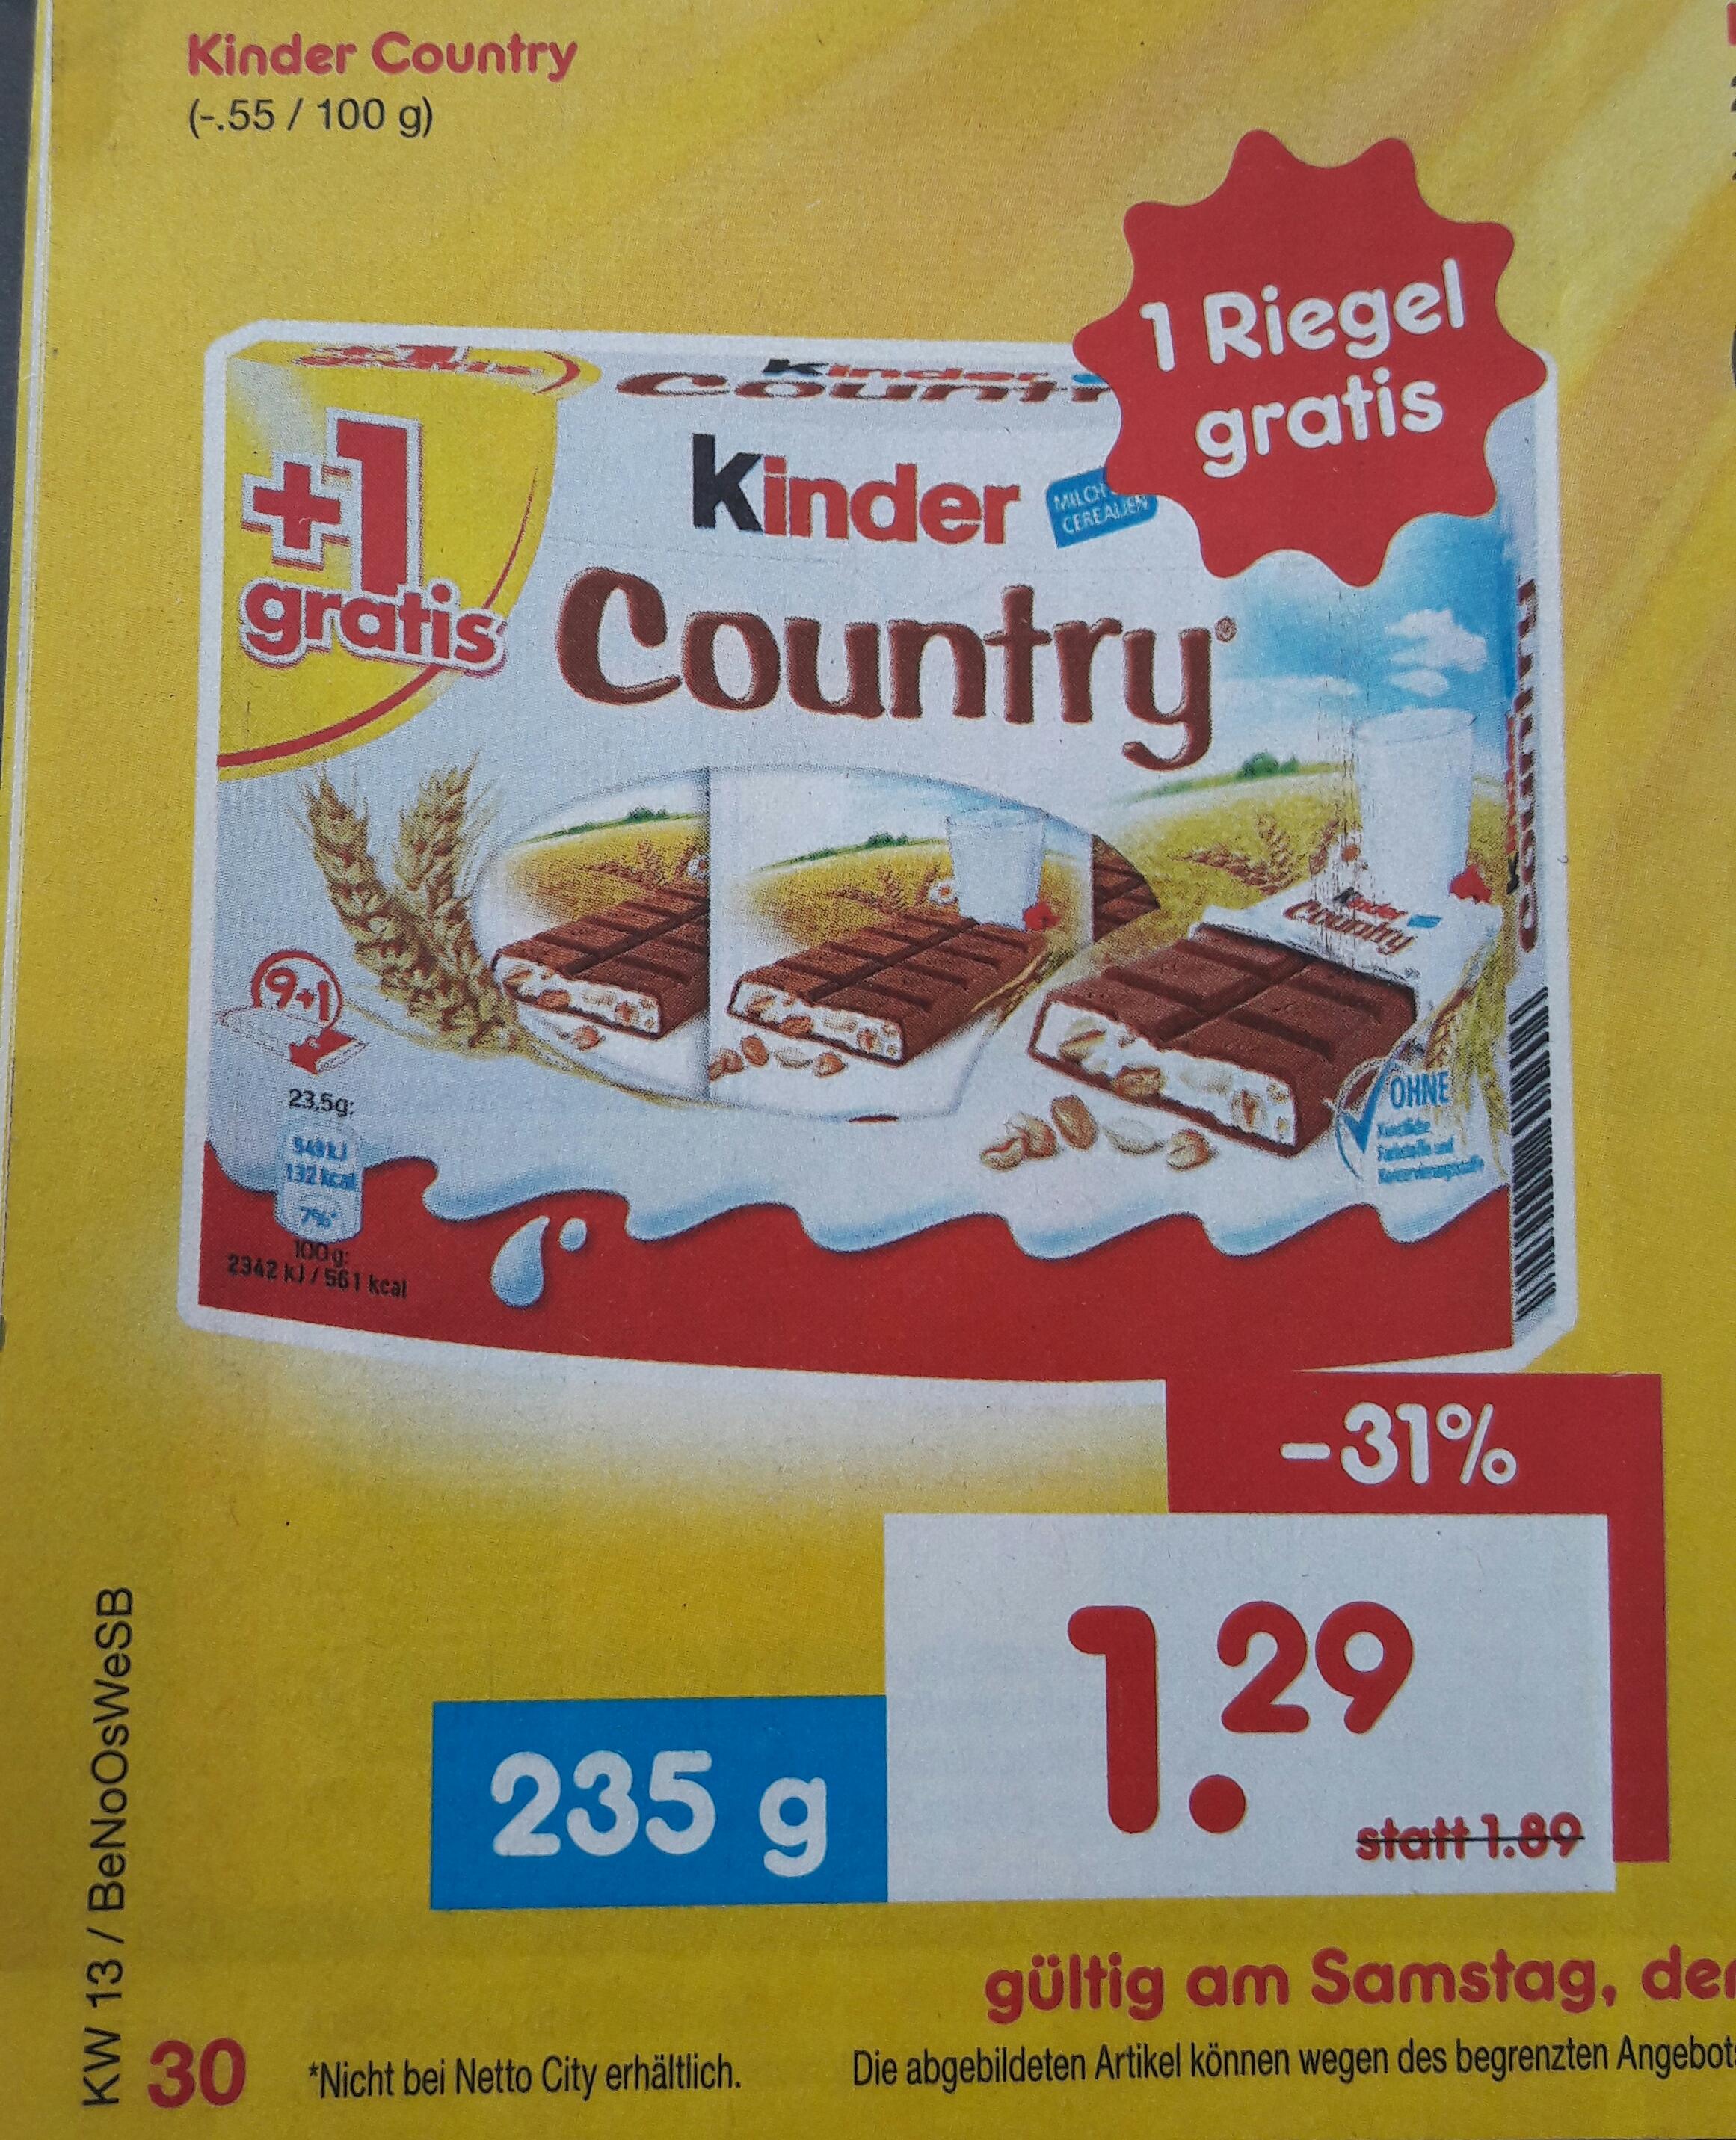 Kinder Country für 1,29 EUR bei Netto Marken-Discount